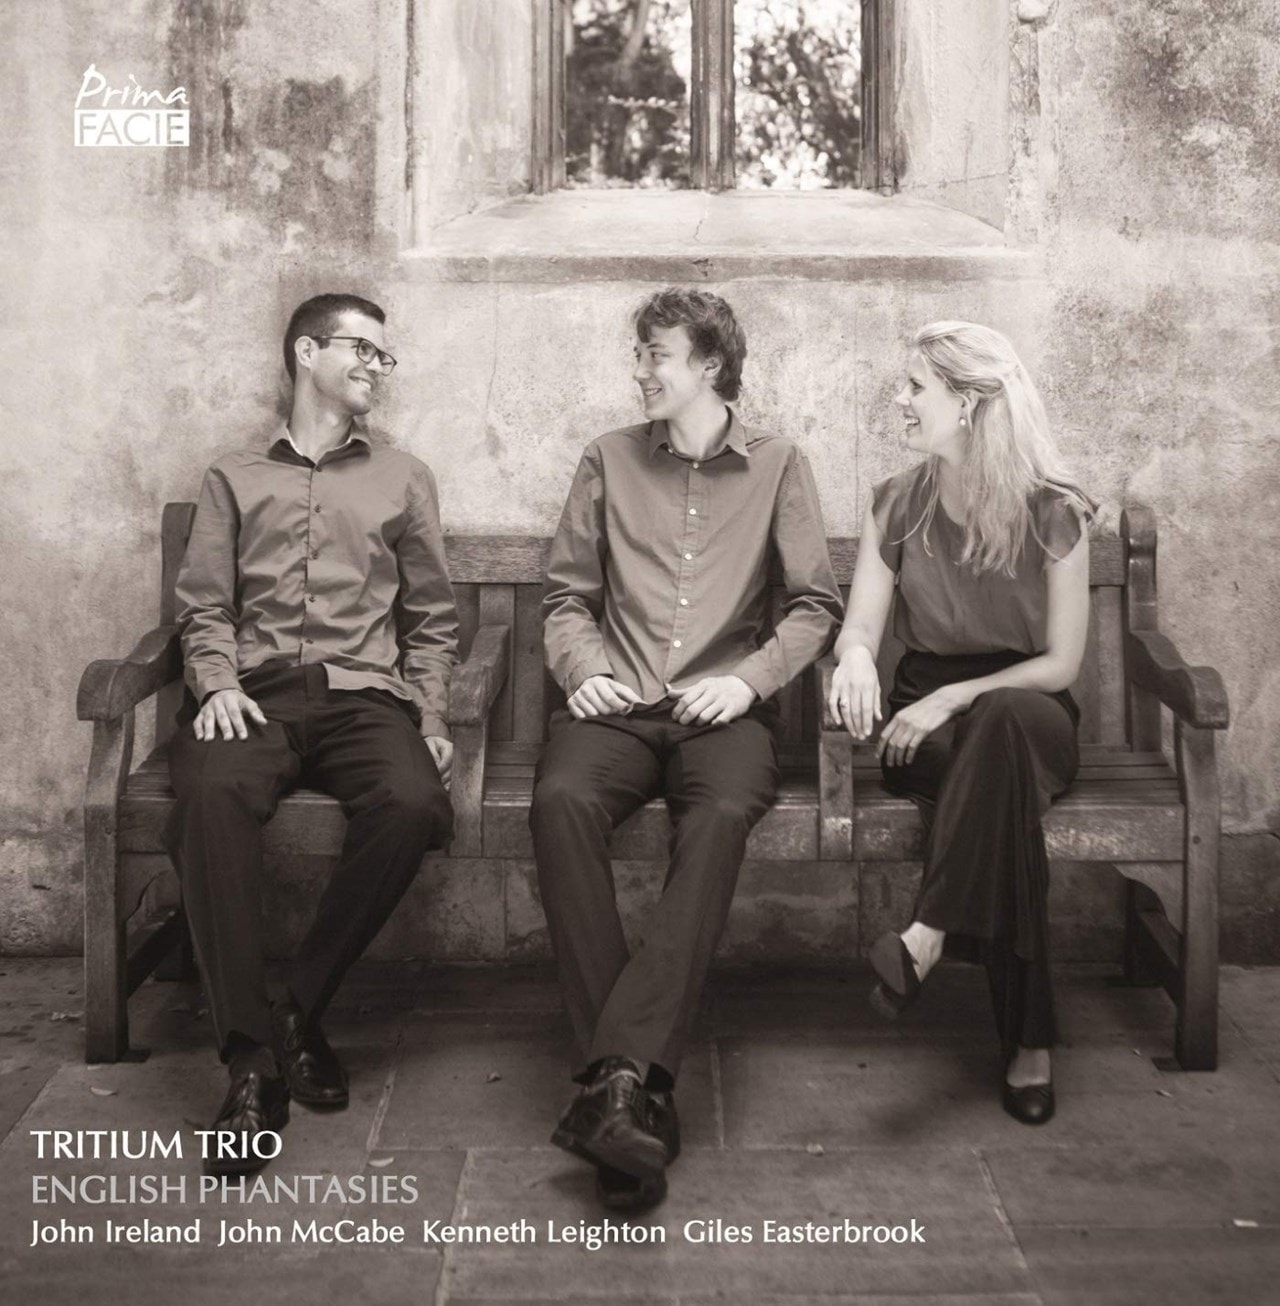 Tritium Trio: English Phantasies - 1